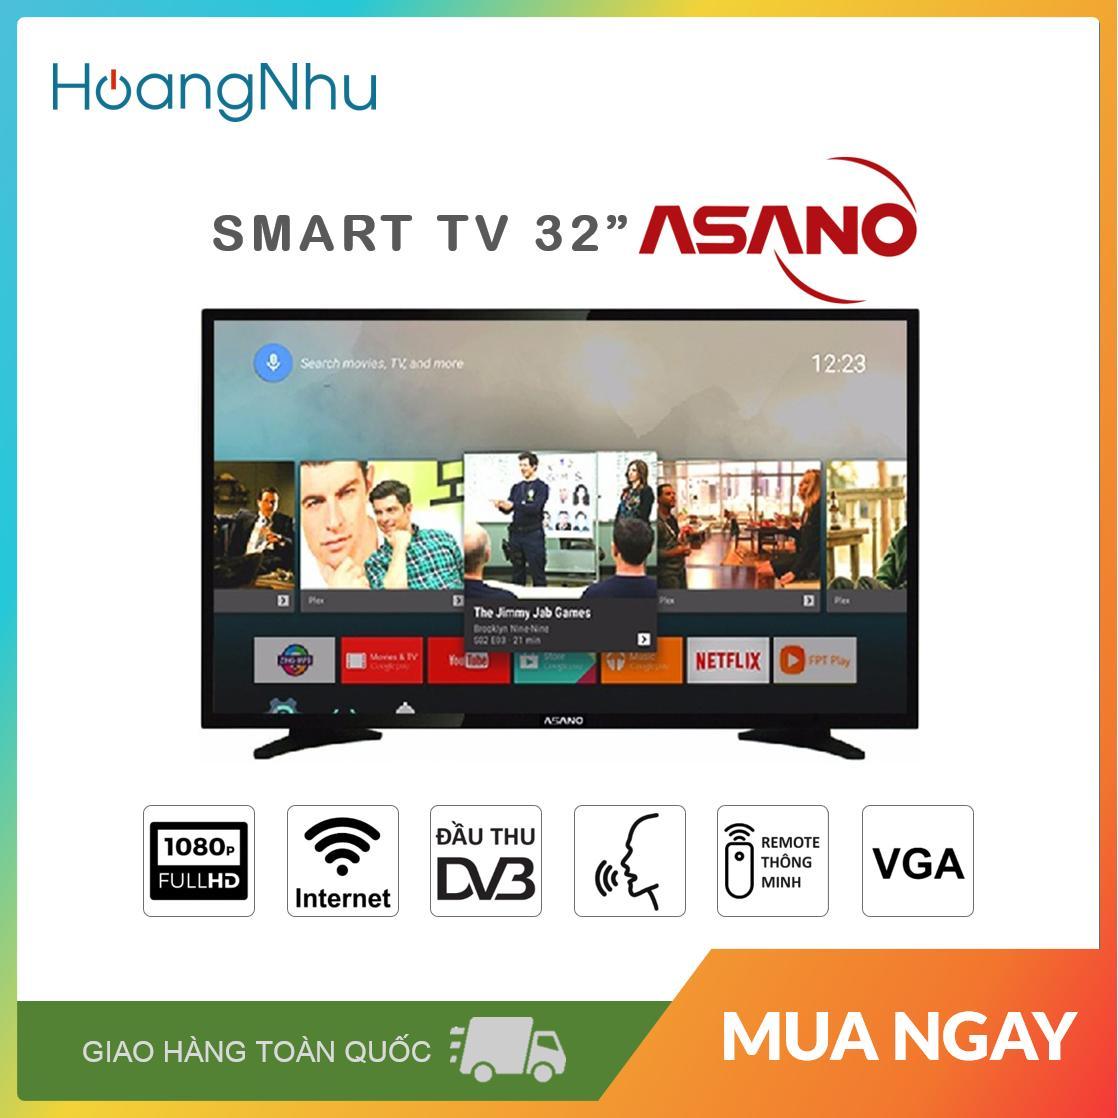 Bảng giá Smart Voice TV Asano 32 inch 32EK7 (Full HD, Android 8.0, Wifi, Điều khiển giọng nói, truyền hình KTS) - Bảo hành toàn quốc 2 năm